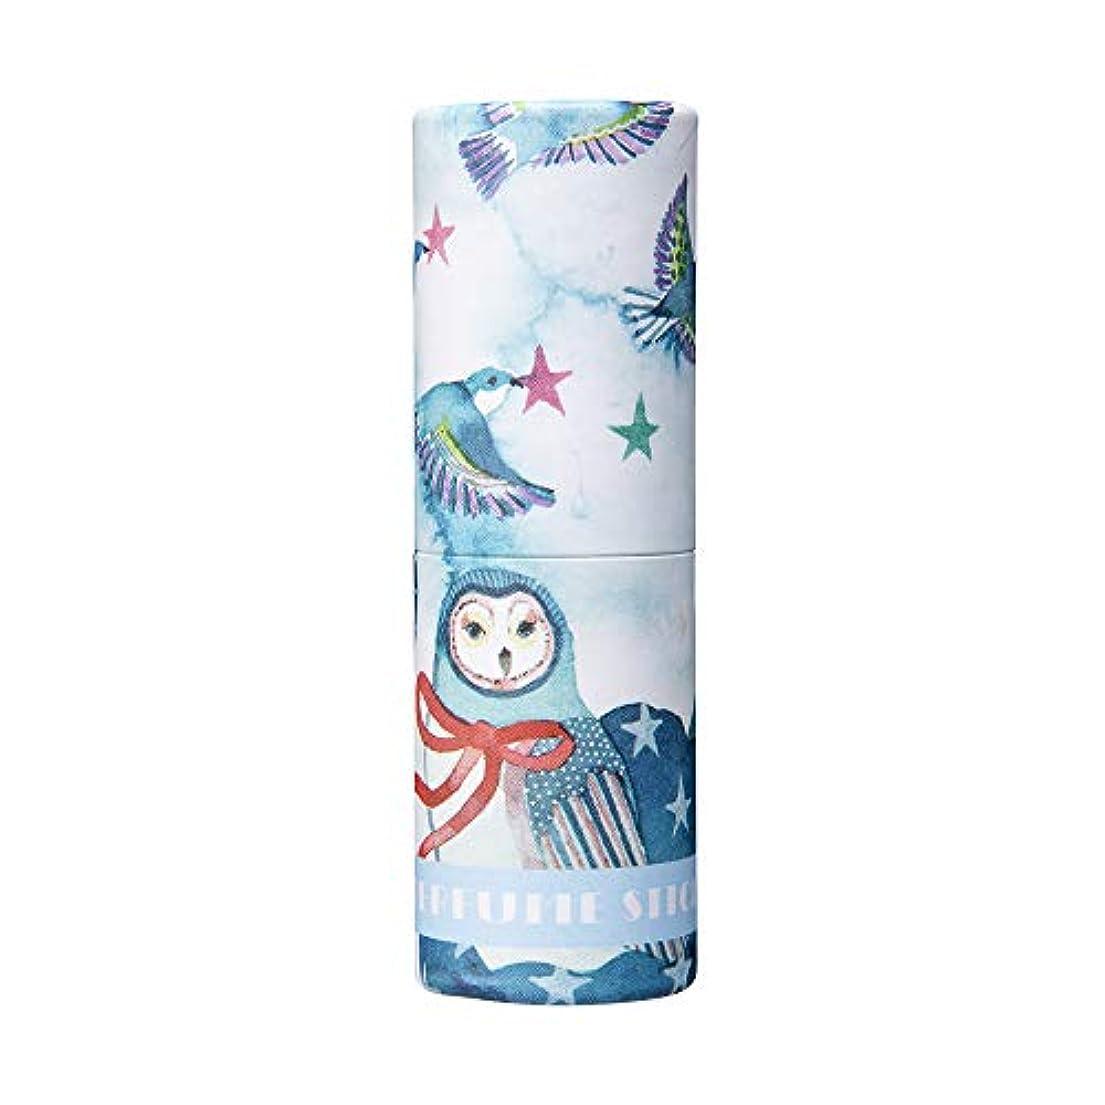 バルセロナカイウスドラムパフュームスティック ウィッシュ ホワイトフラワー&シャボンの香り CatoFriendデザイン 5g